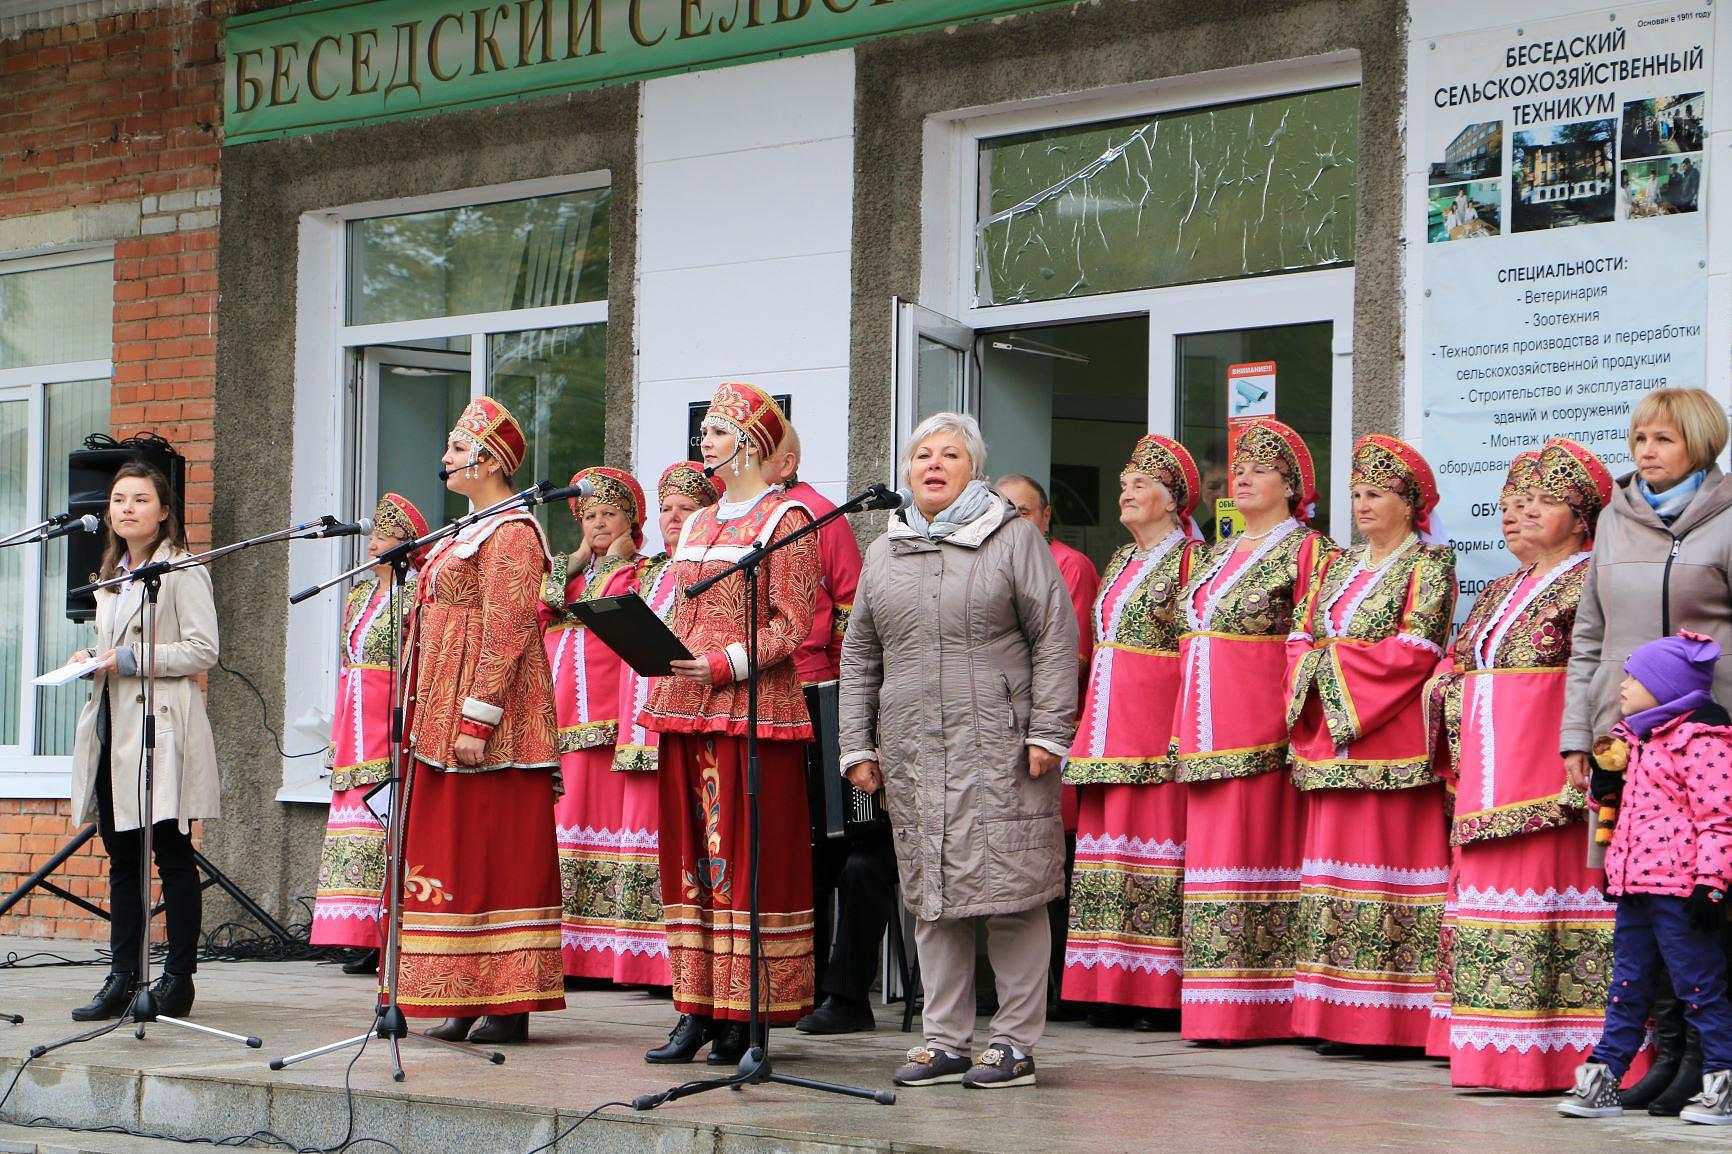 offizielle Begrüßung - Titanen on tour in Russland